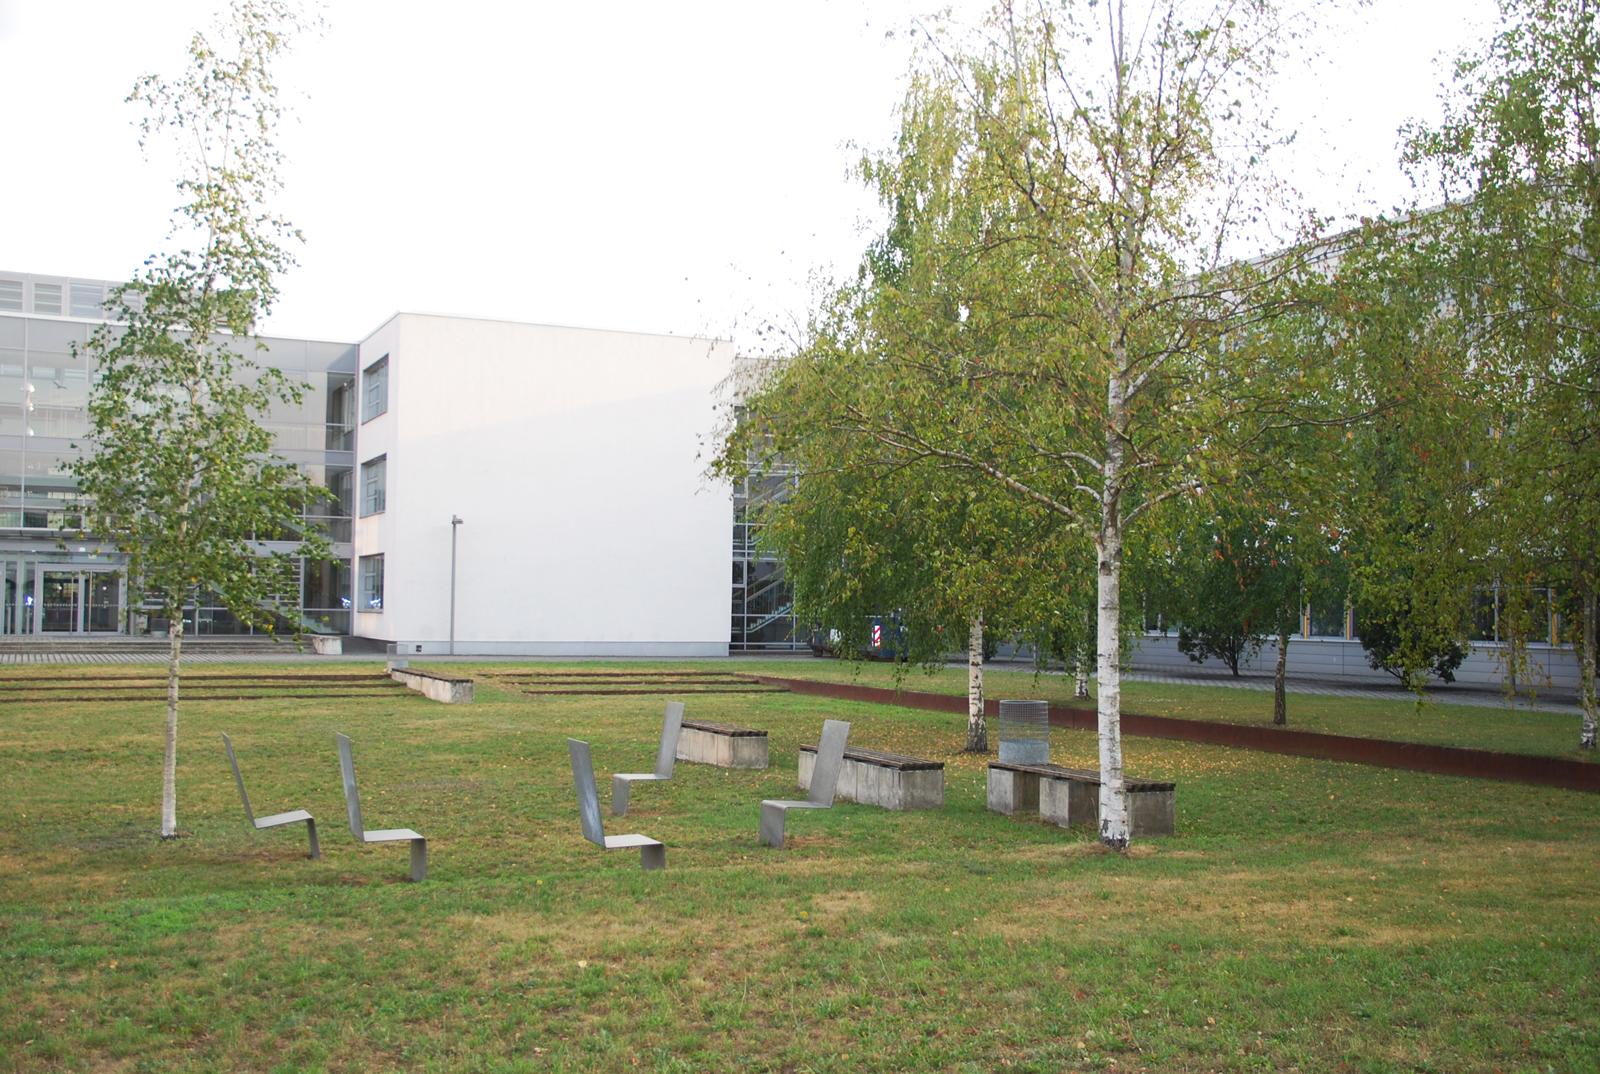 OSZ-technik-henningsdorf-sportfreiflaechen-landschaftsarchitektur-berlin-freianlagen-albert-armbruster